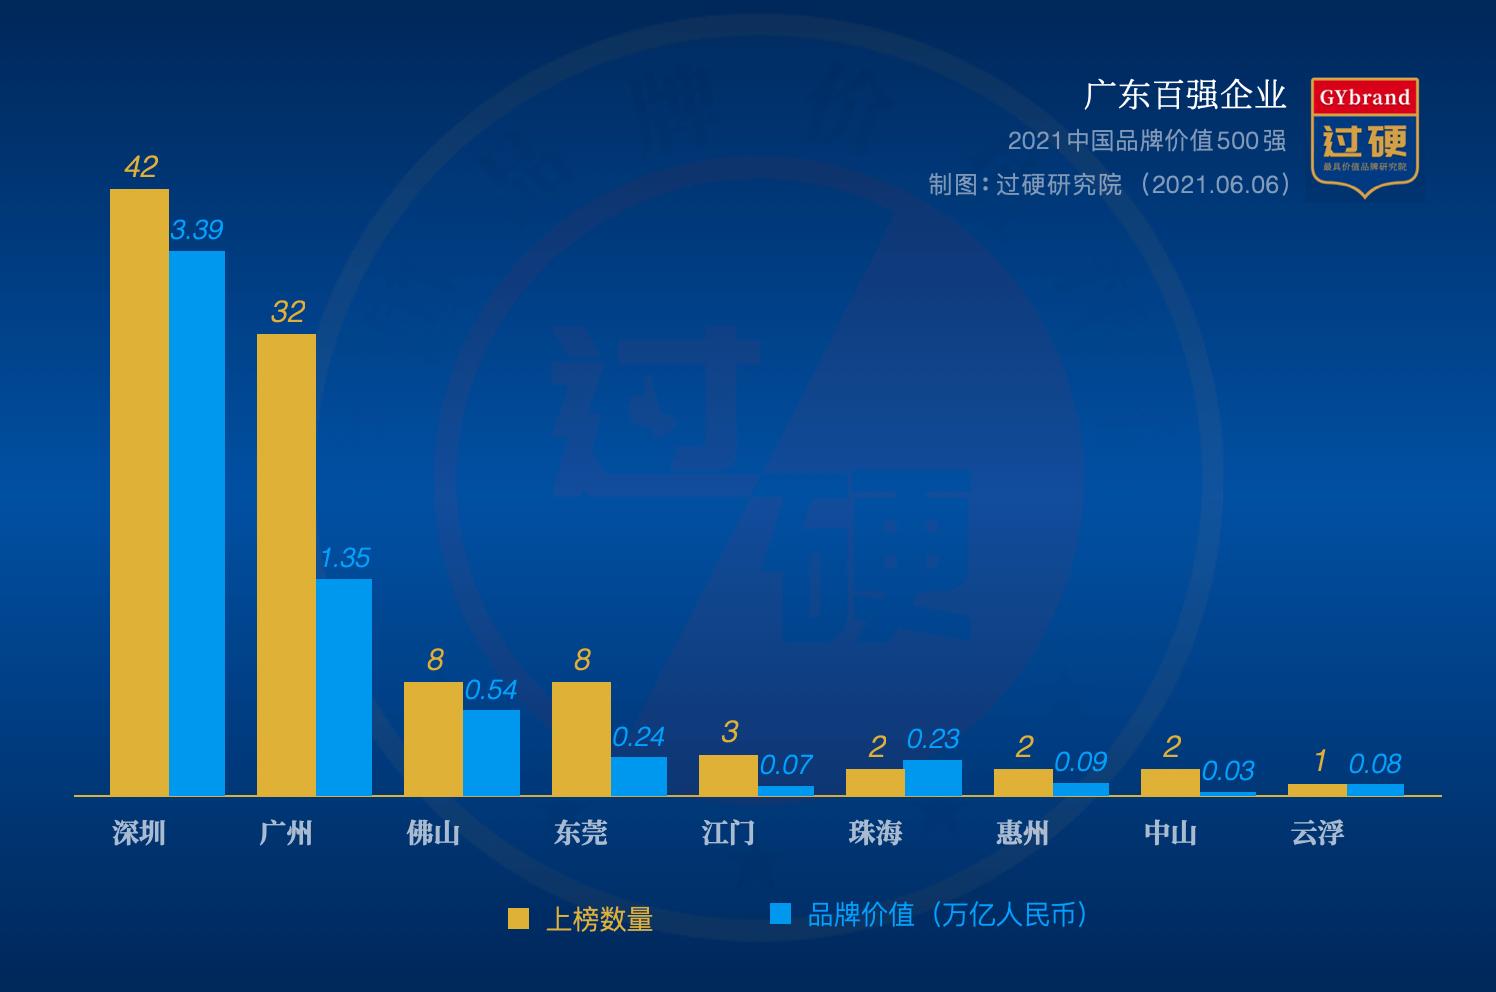 2021广东百强企业地区分布